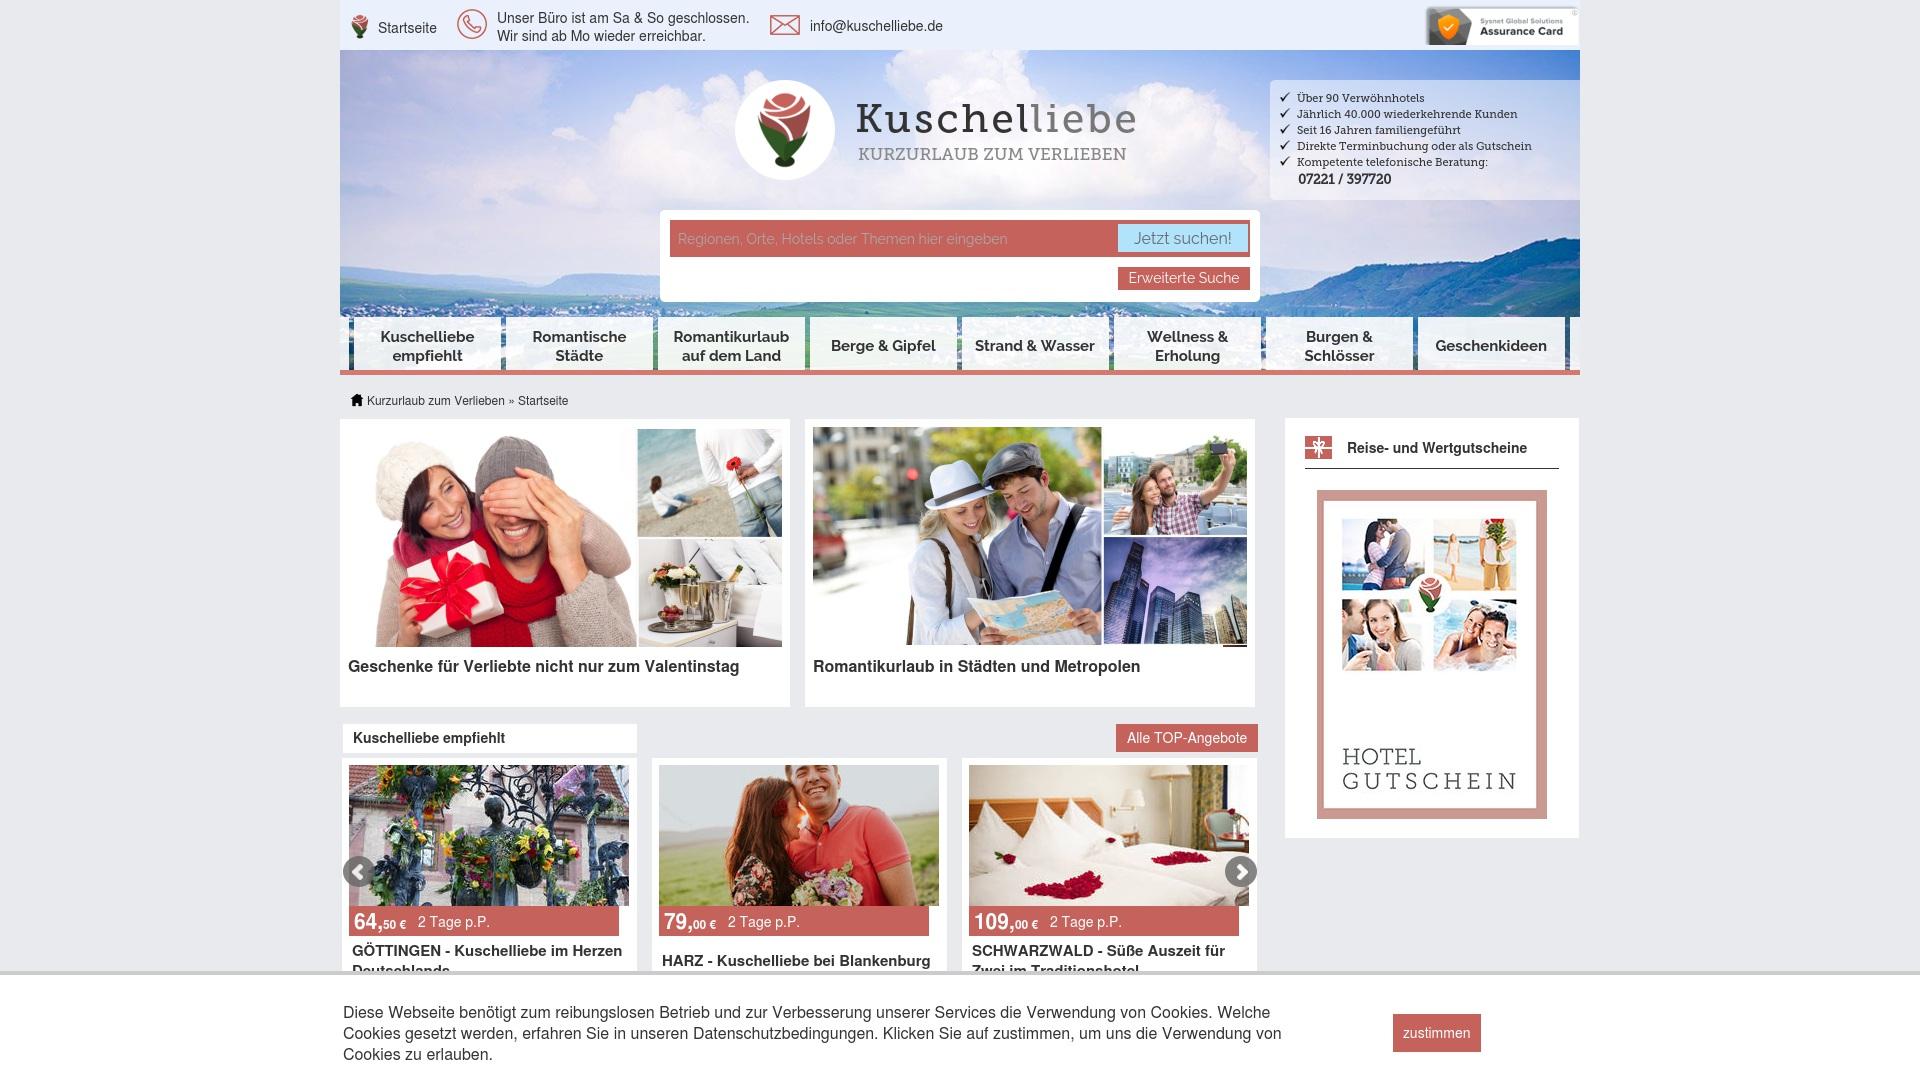 Gutschein für Kuschelliebe: Rabatte für  Kuschelliebe sichern